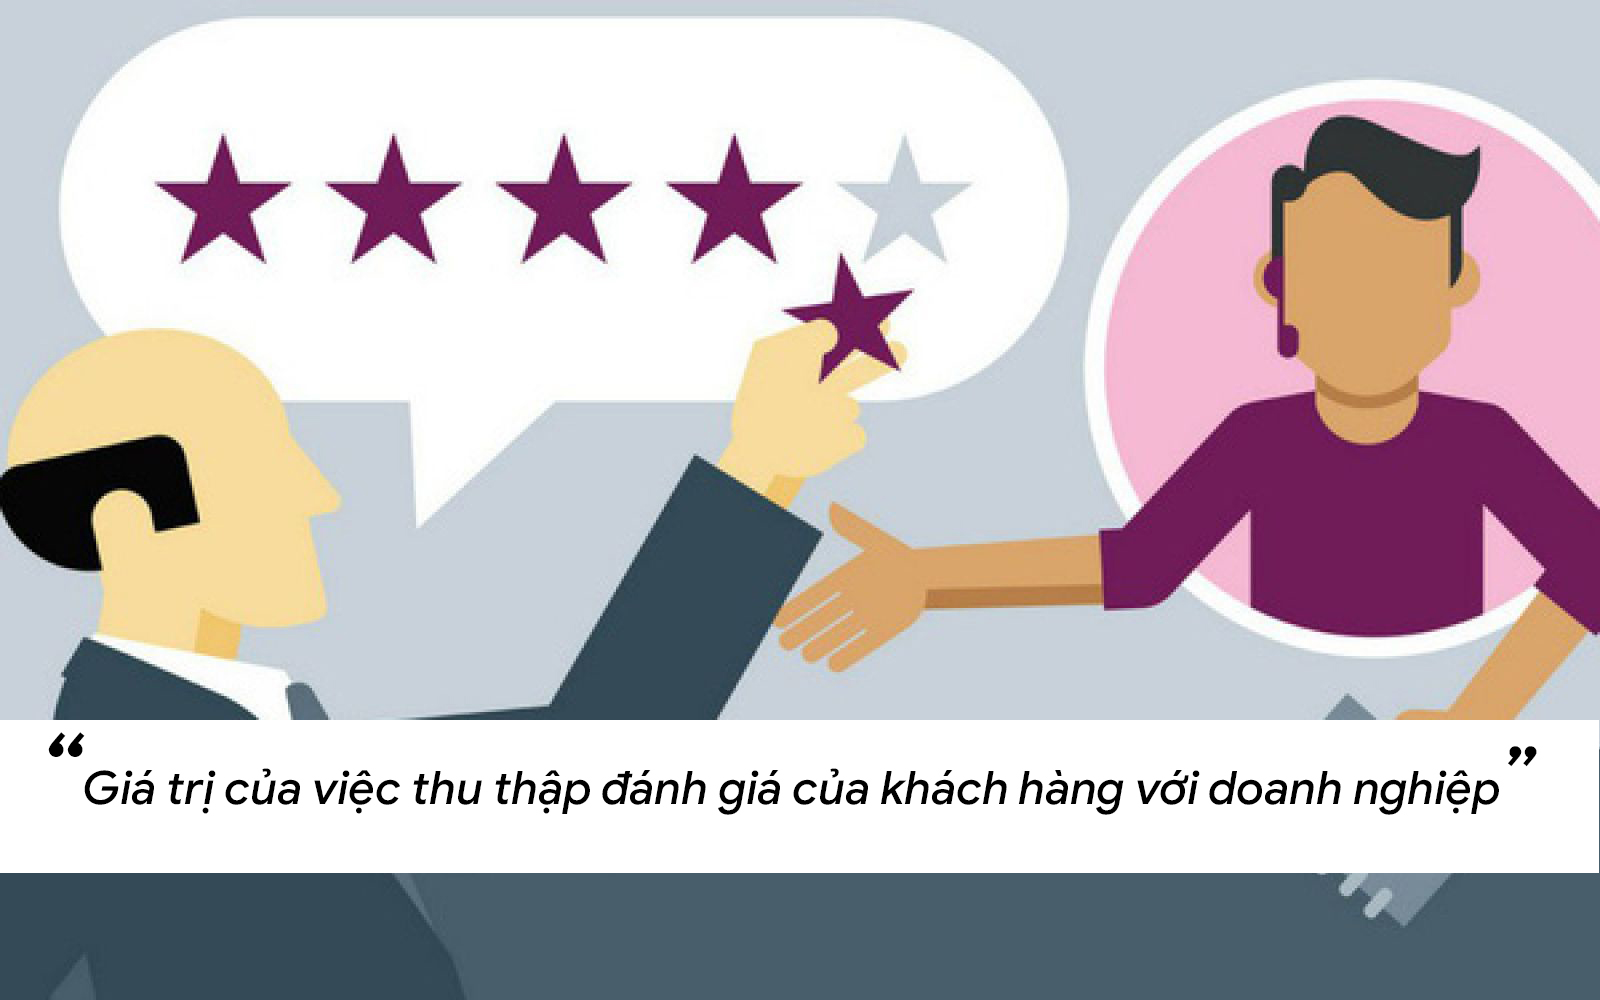 Giá trị của việc thu thập đánh giá của khách hàng với doanh nghiệp